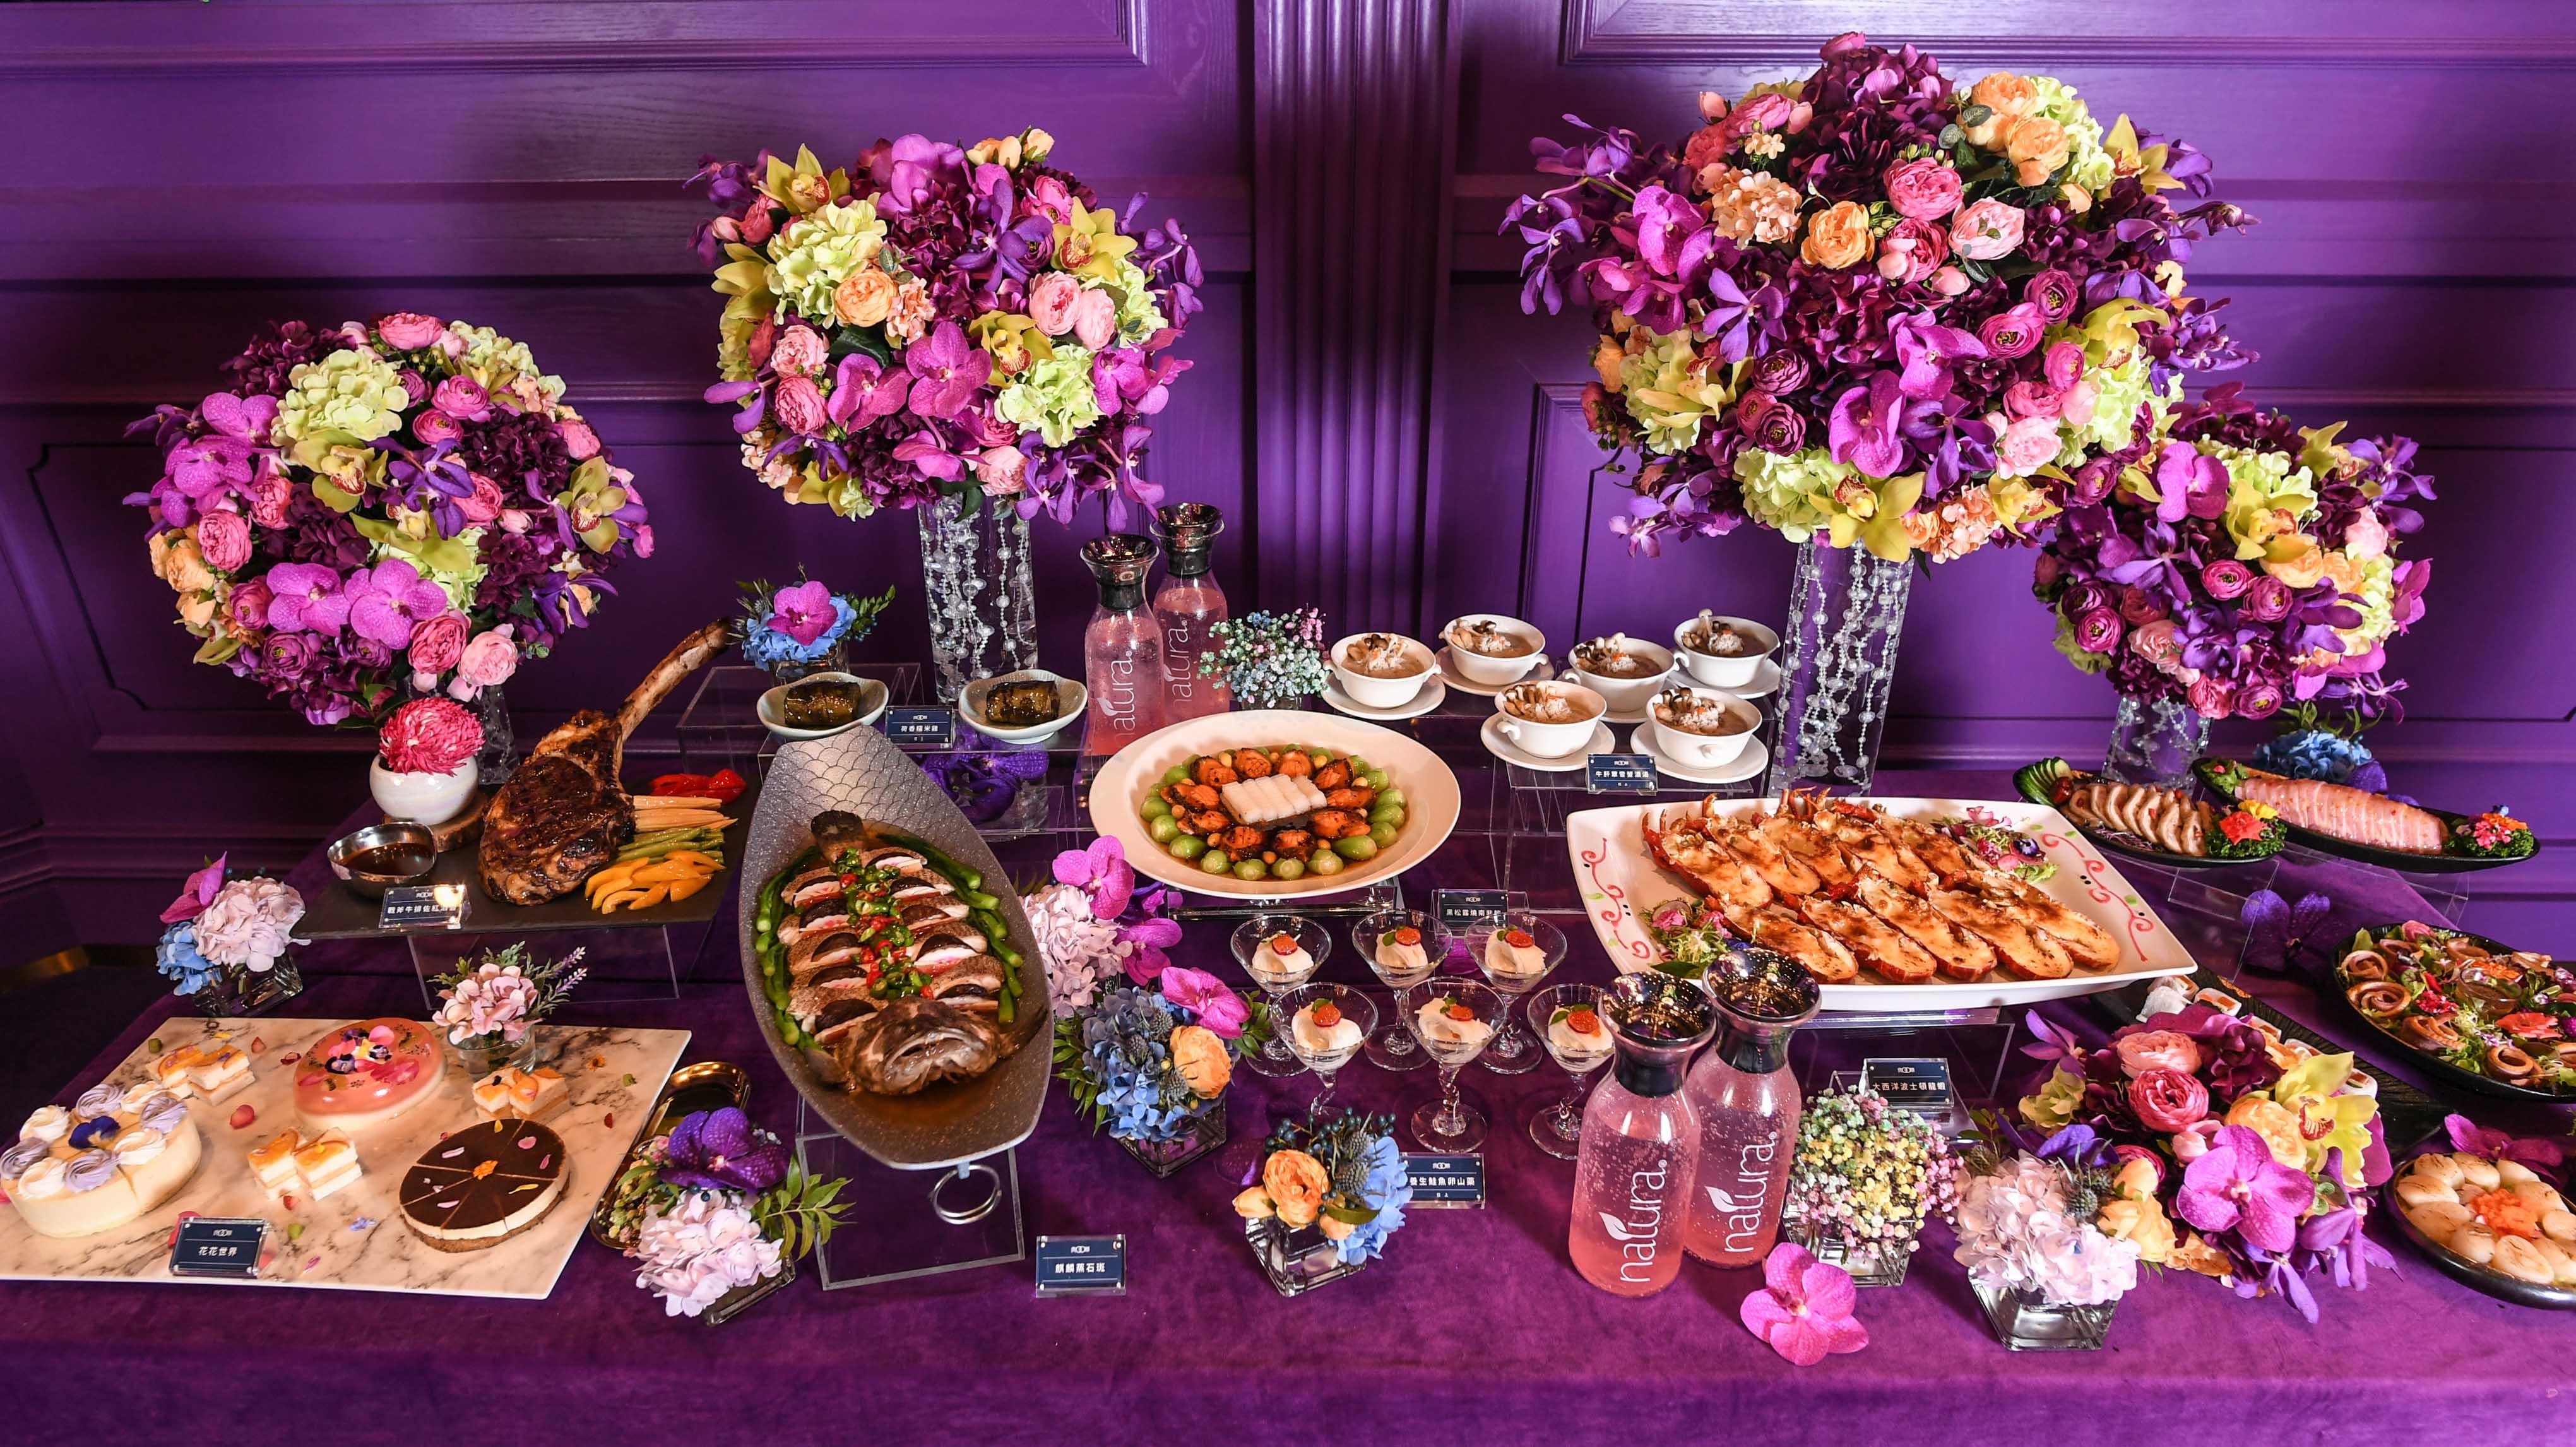 蜷川實花mika廳公開亮相,典華也請頂級廚藝團隊研發蜷川實花精選婚宴佳餚